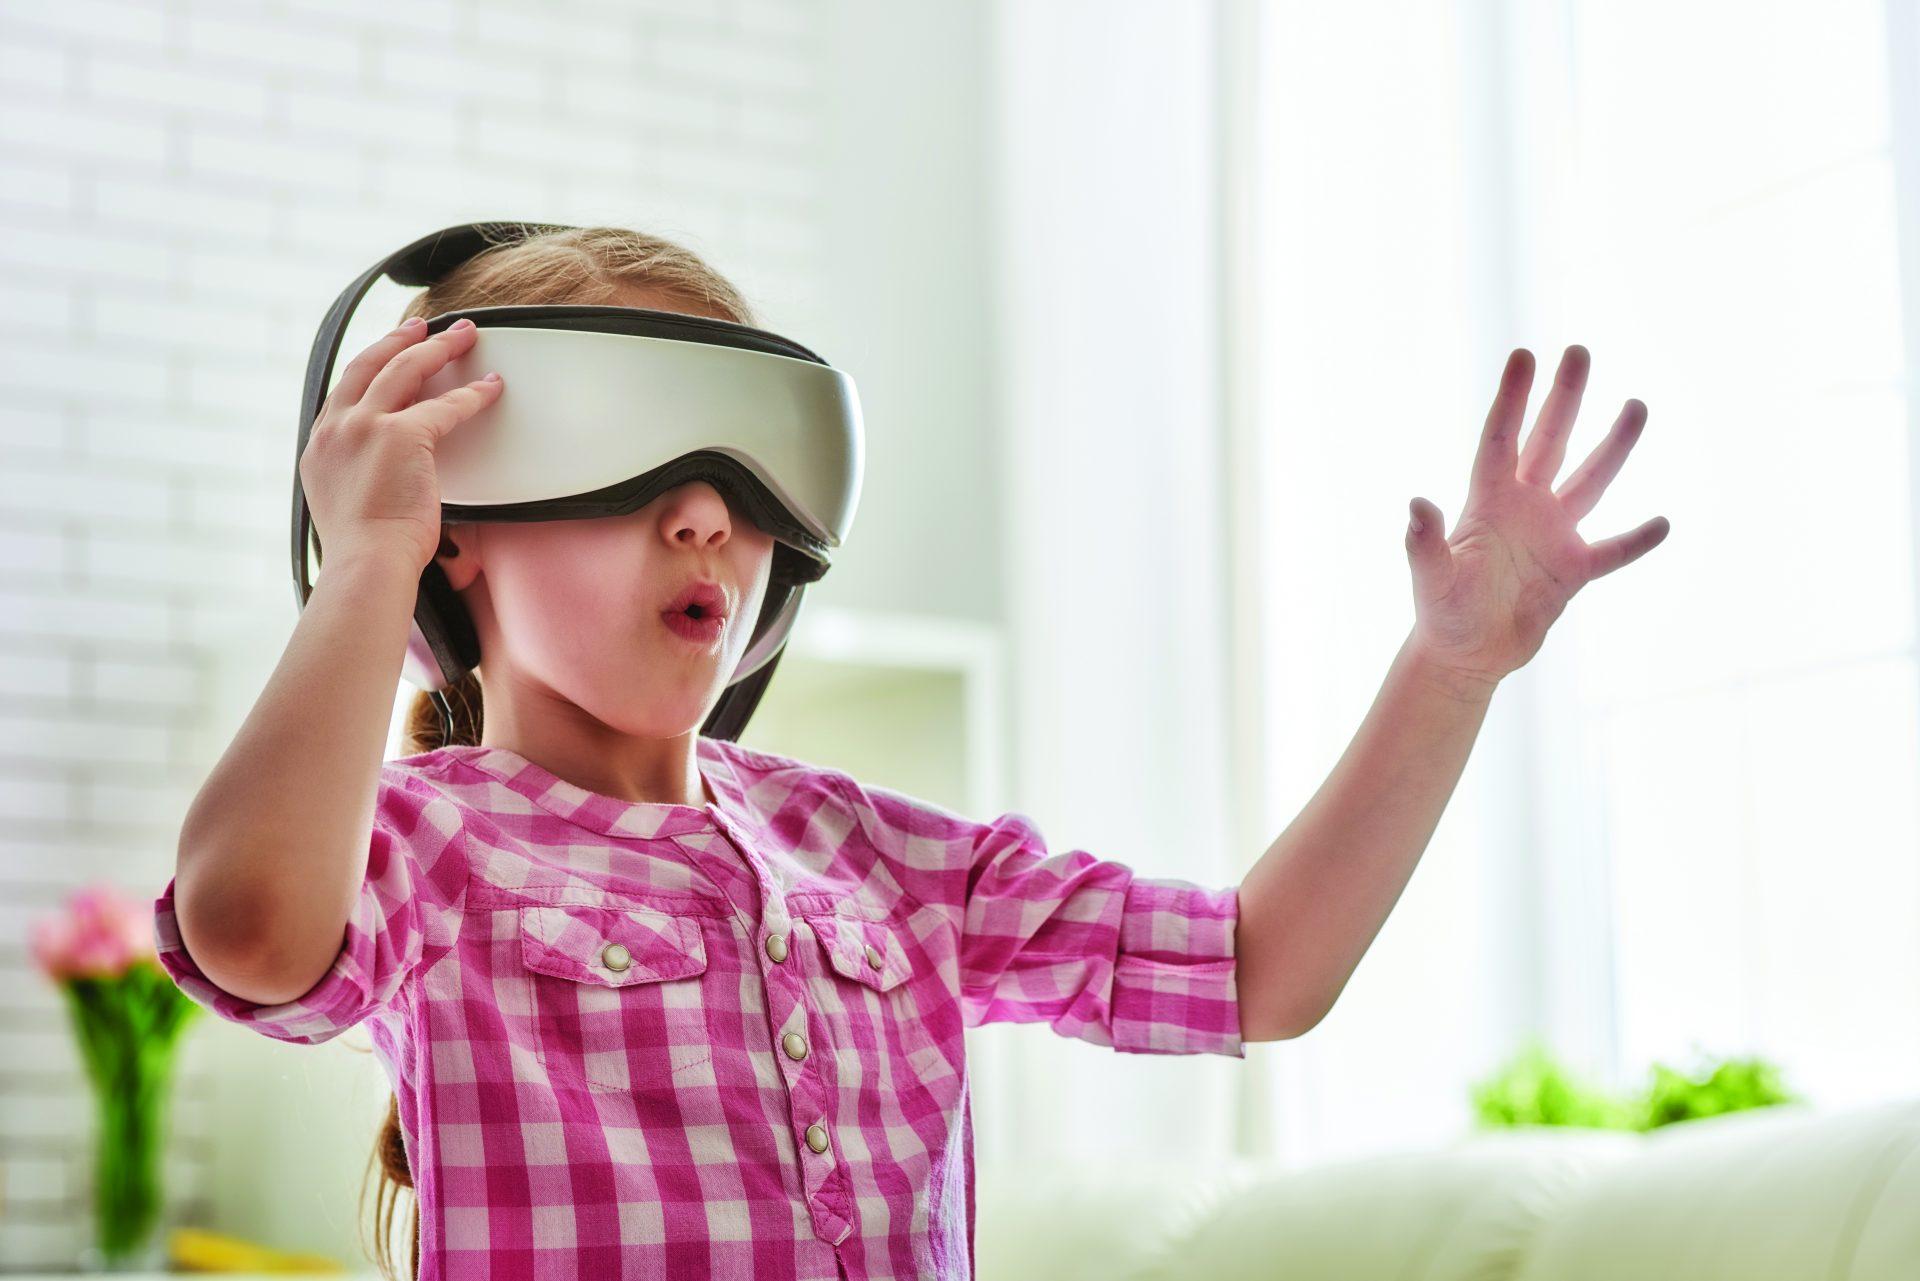 Jente med VR briller